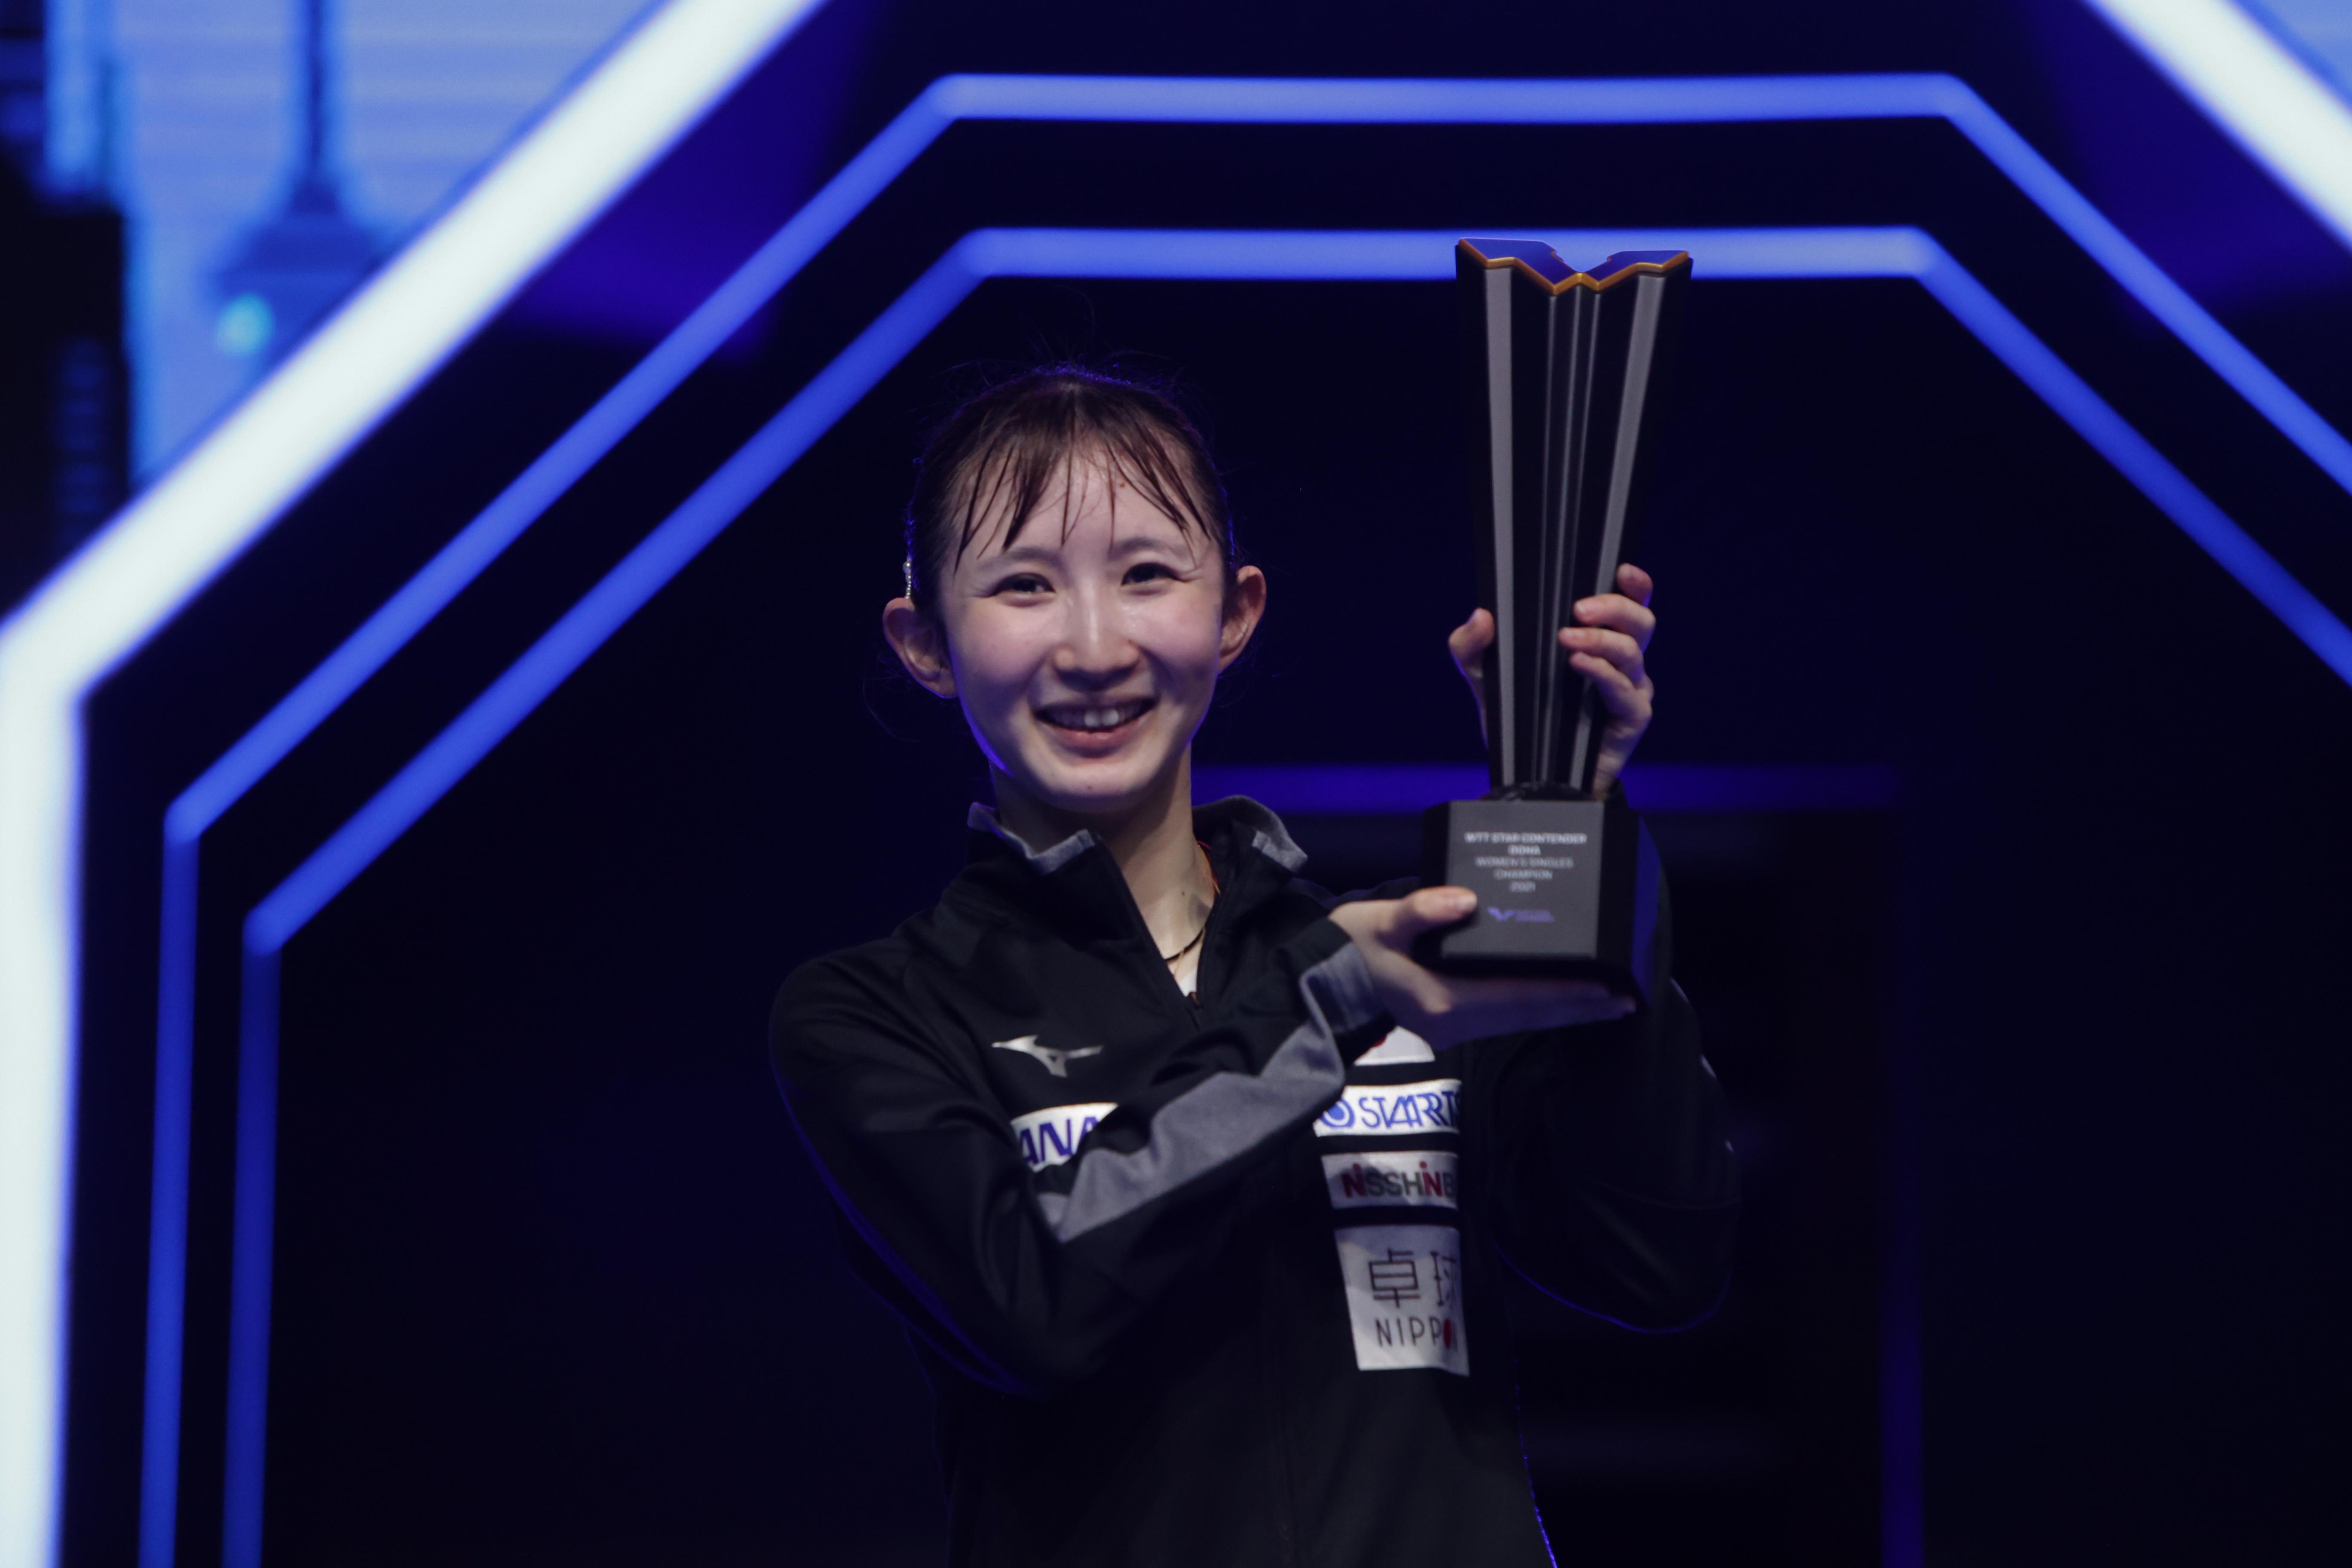 早田ひな 女子シングルスも制す!五輪後初の国際大会派遣で二冠達成【WTT スターコンテンダー ドーハ】